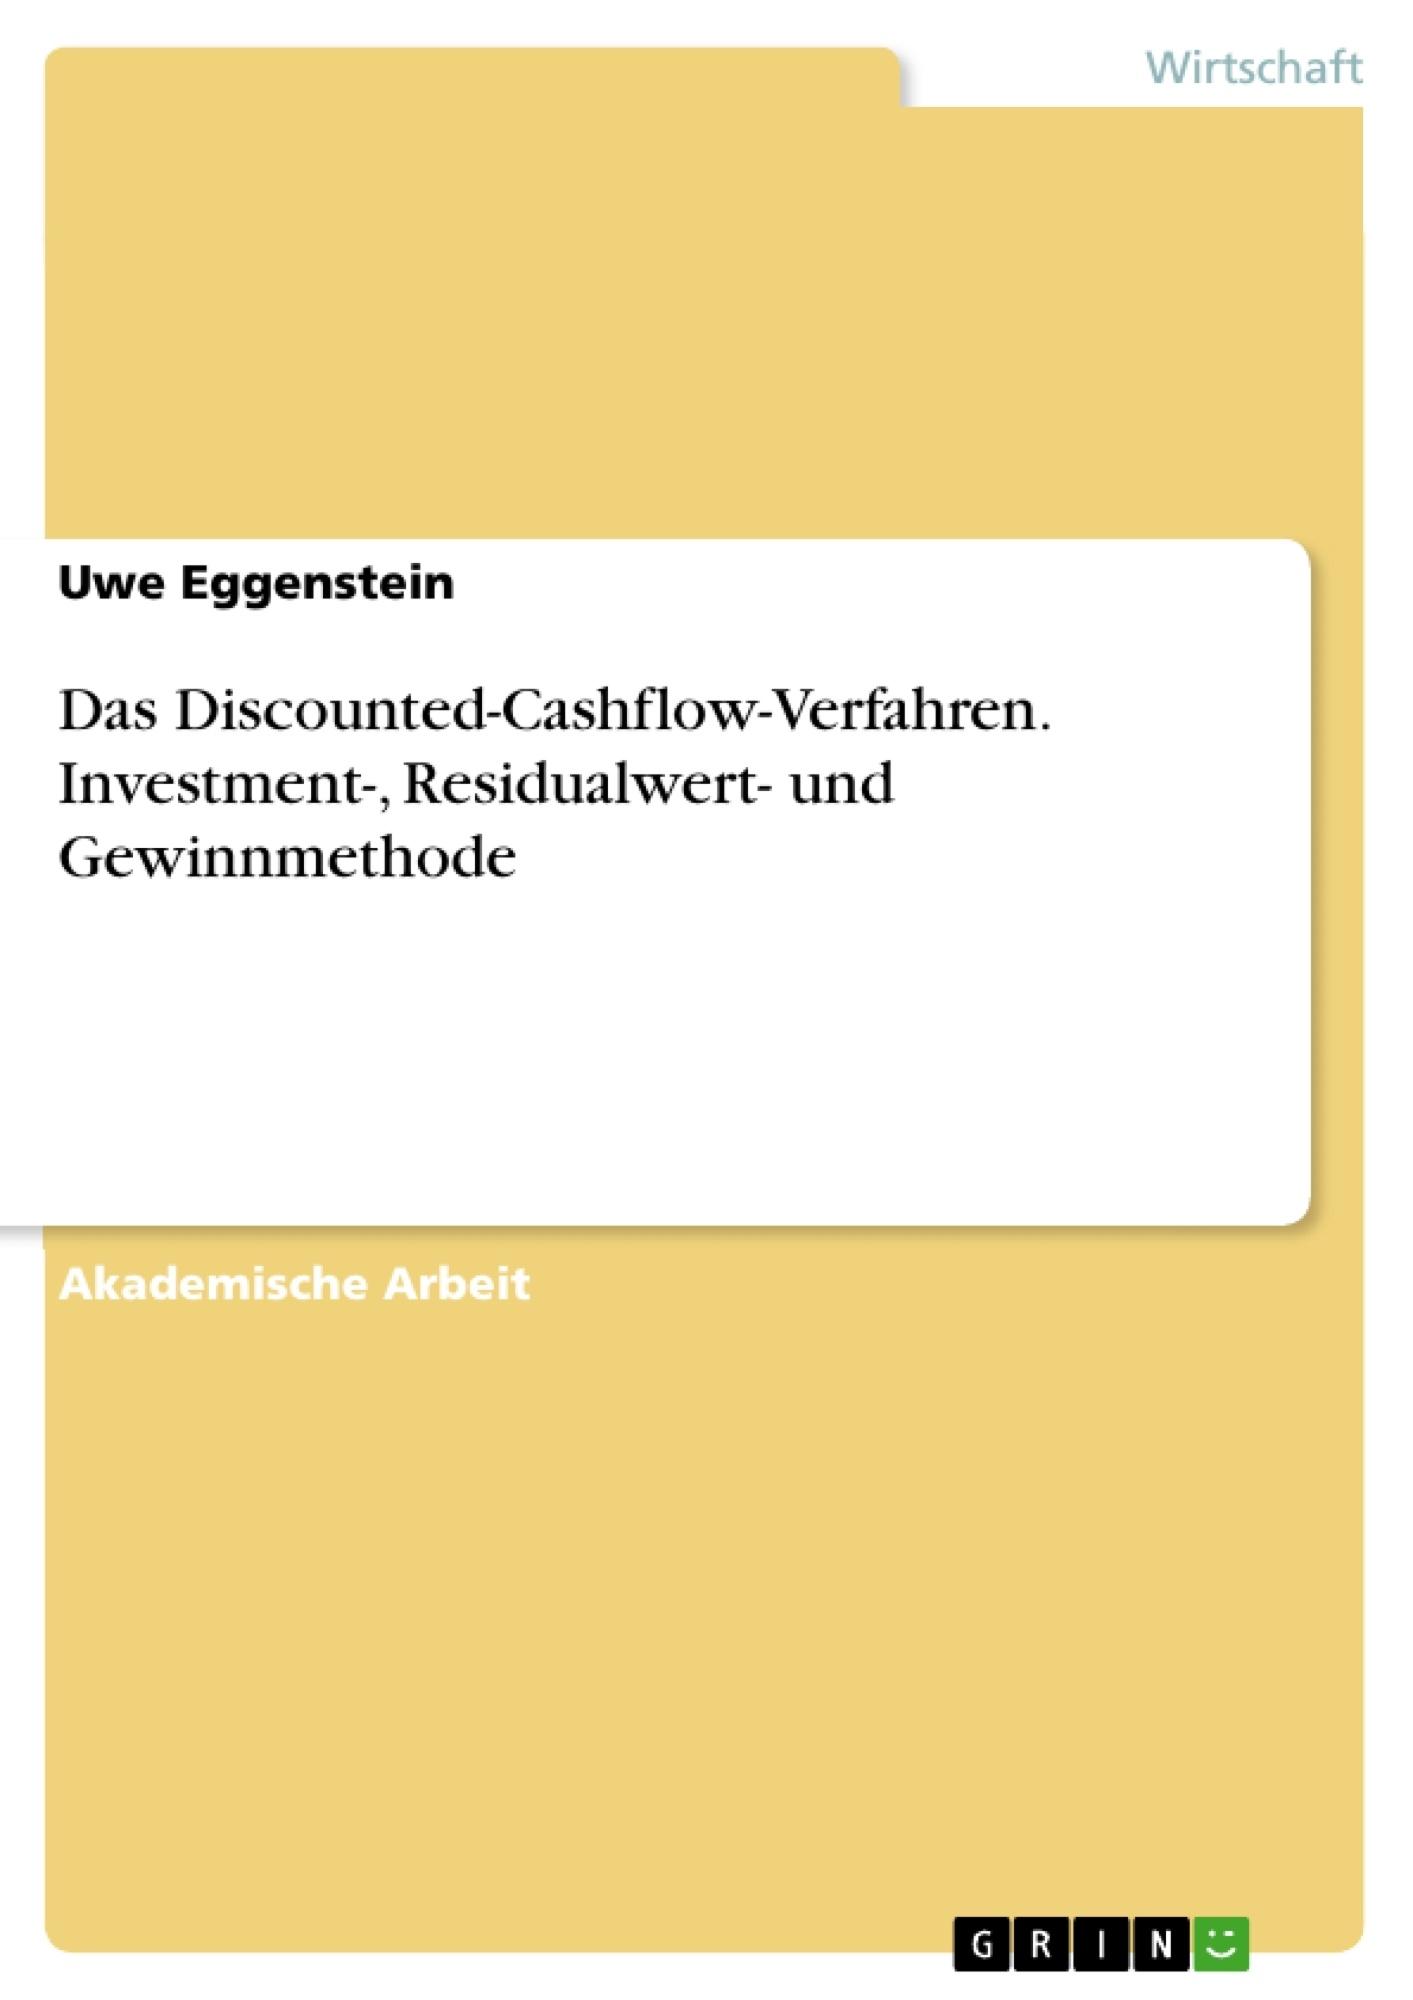 Titel: Das Discounted-Cashflow-Verfahren. Investment-, Residualwert- und Gewinnmethode